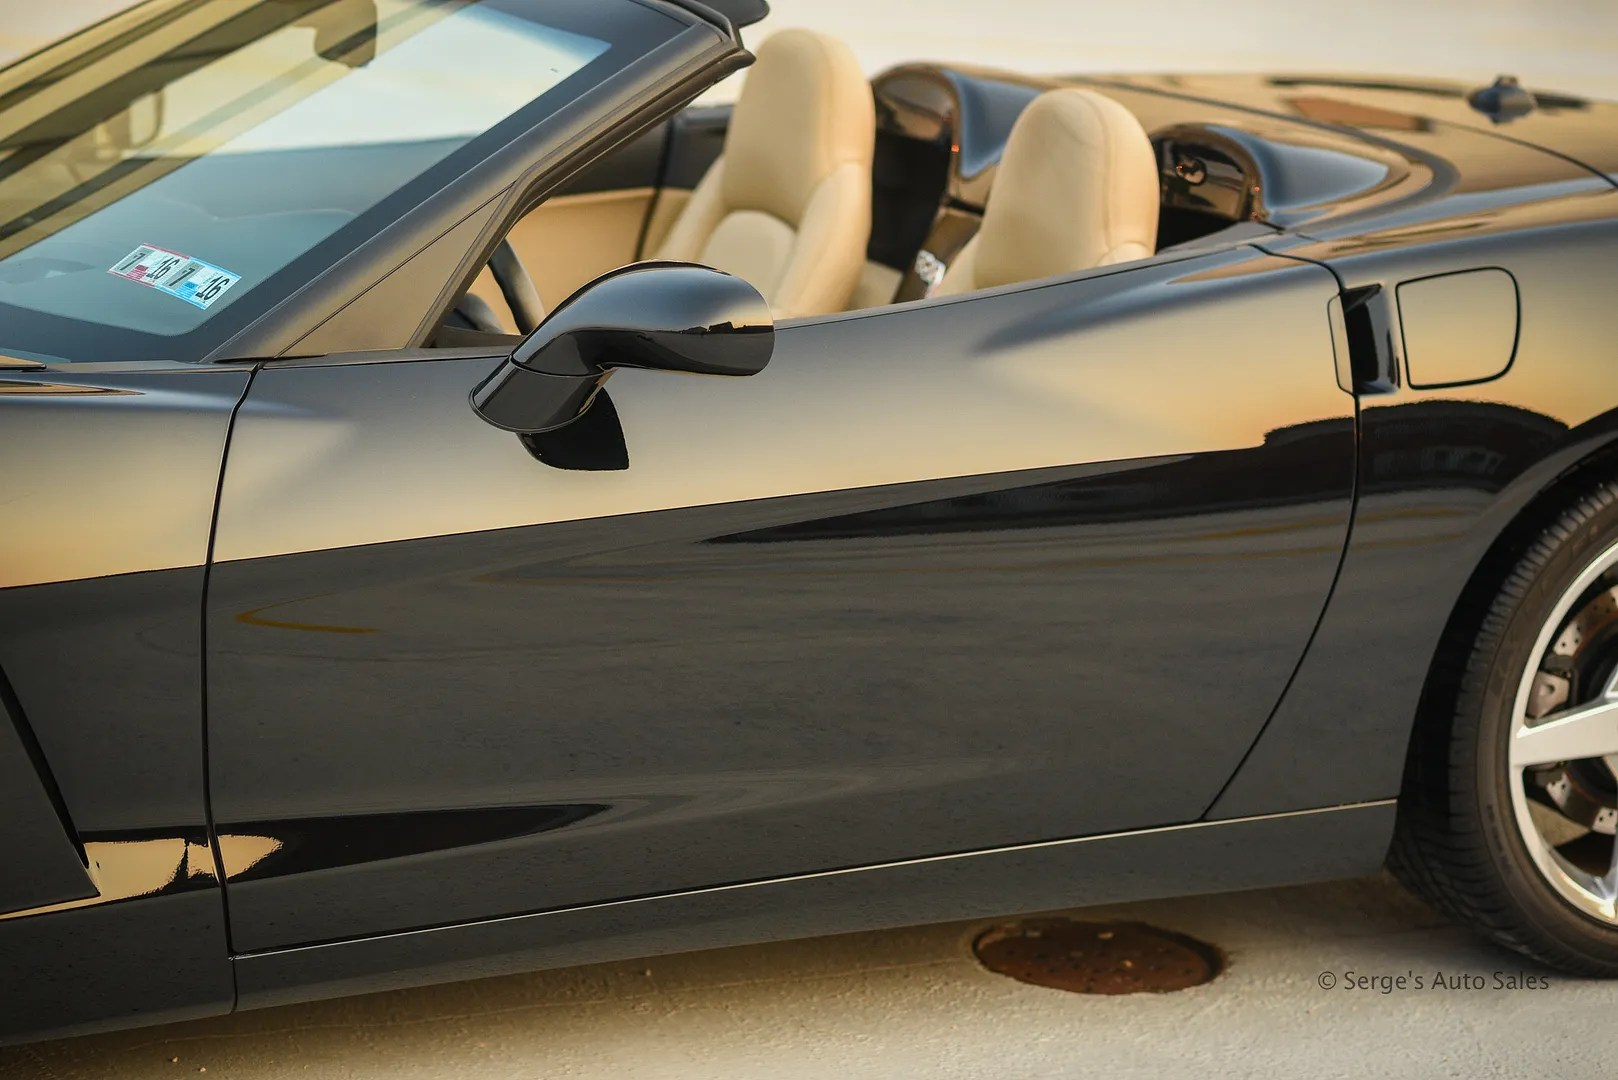 photo 2005-C6-Corvette-Convertible-For-Sale-Scranton-Serges-Auto-Sales-dealer--35_zpsgjclu0cb.jpg